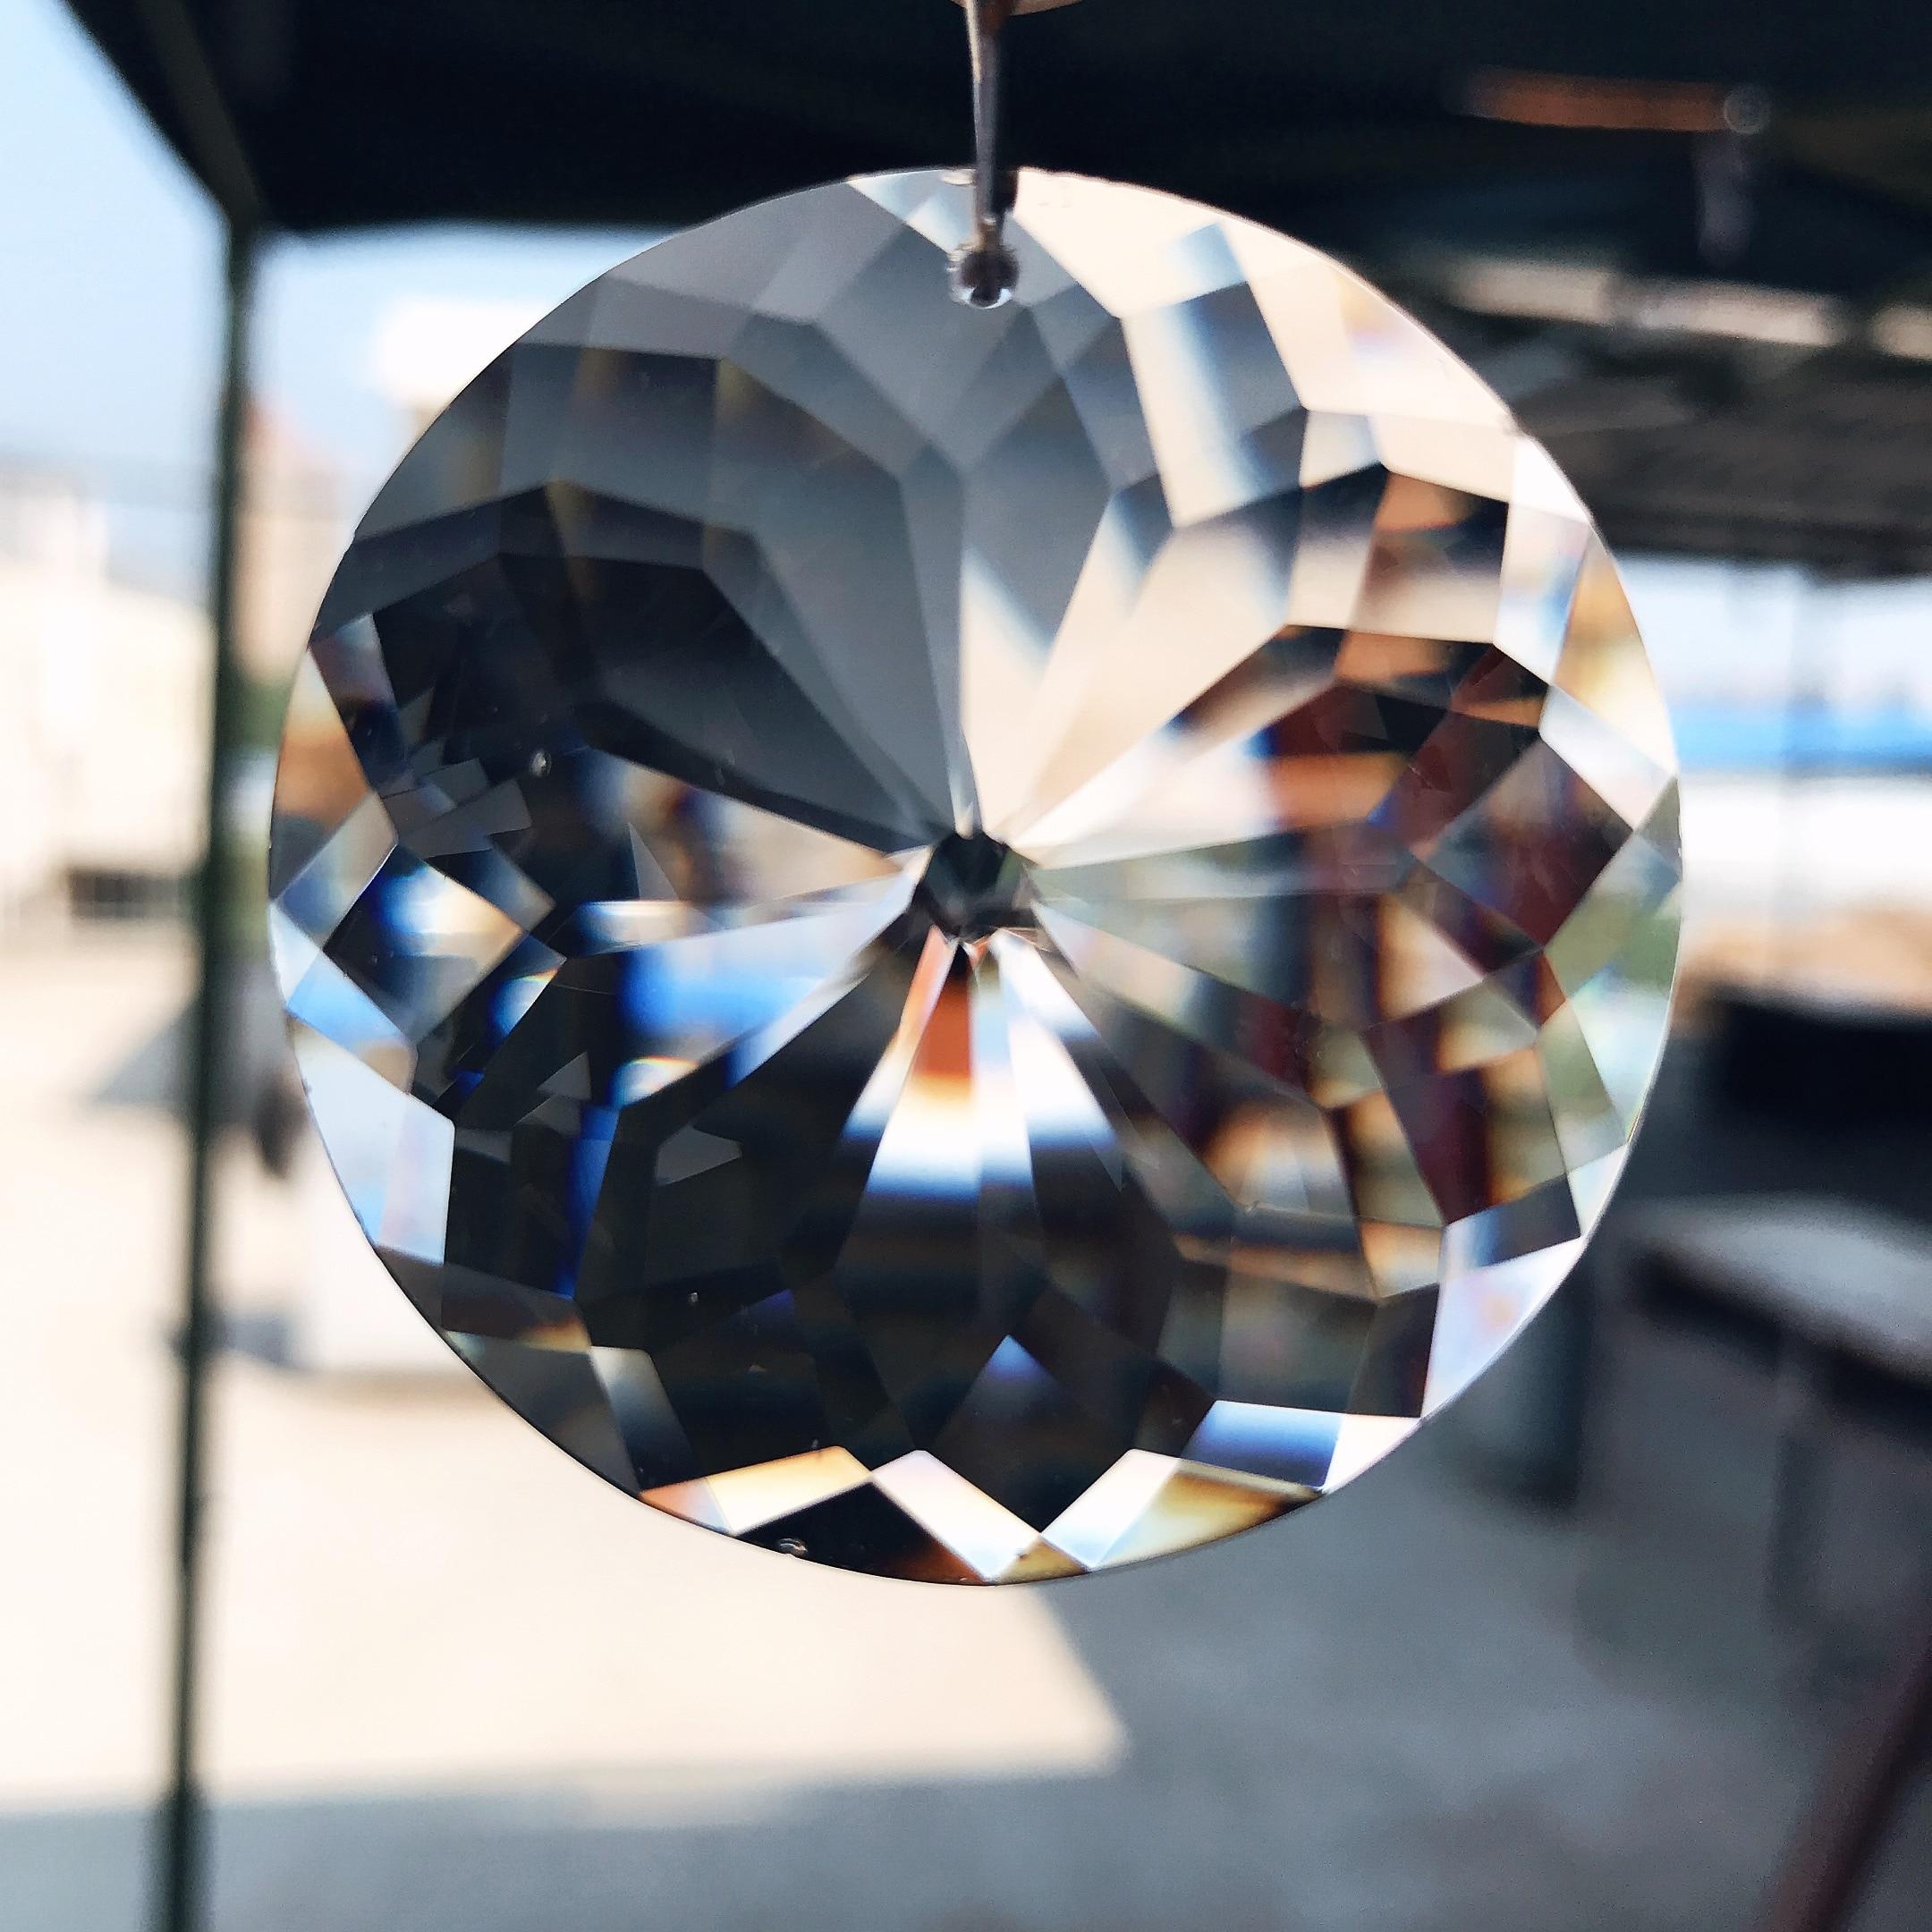 Призмы люстры режущие Подвески Diy призмы части проекты орнамент 45 мм солнце стеклянная кристаллическая Призма люстры